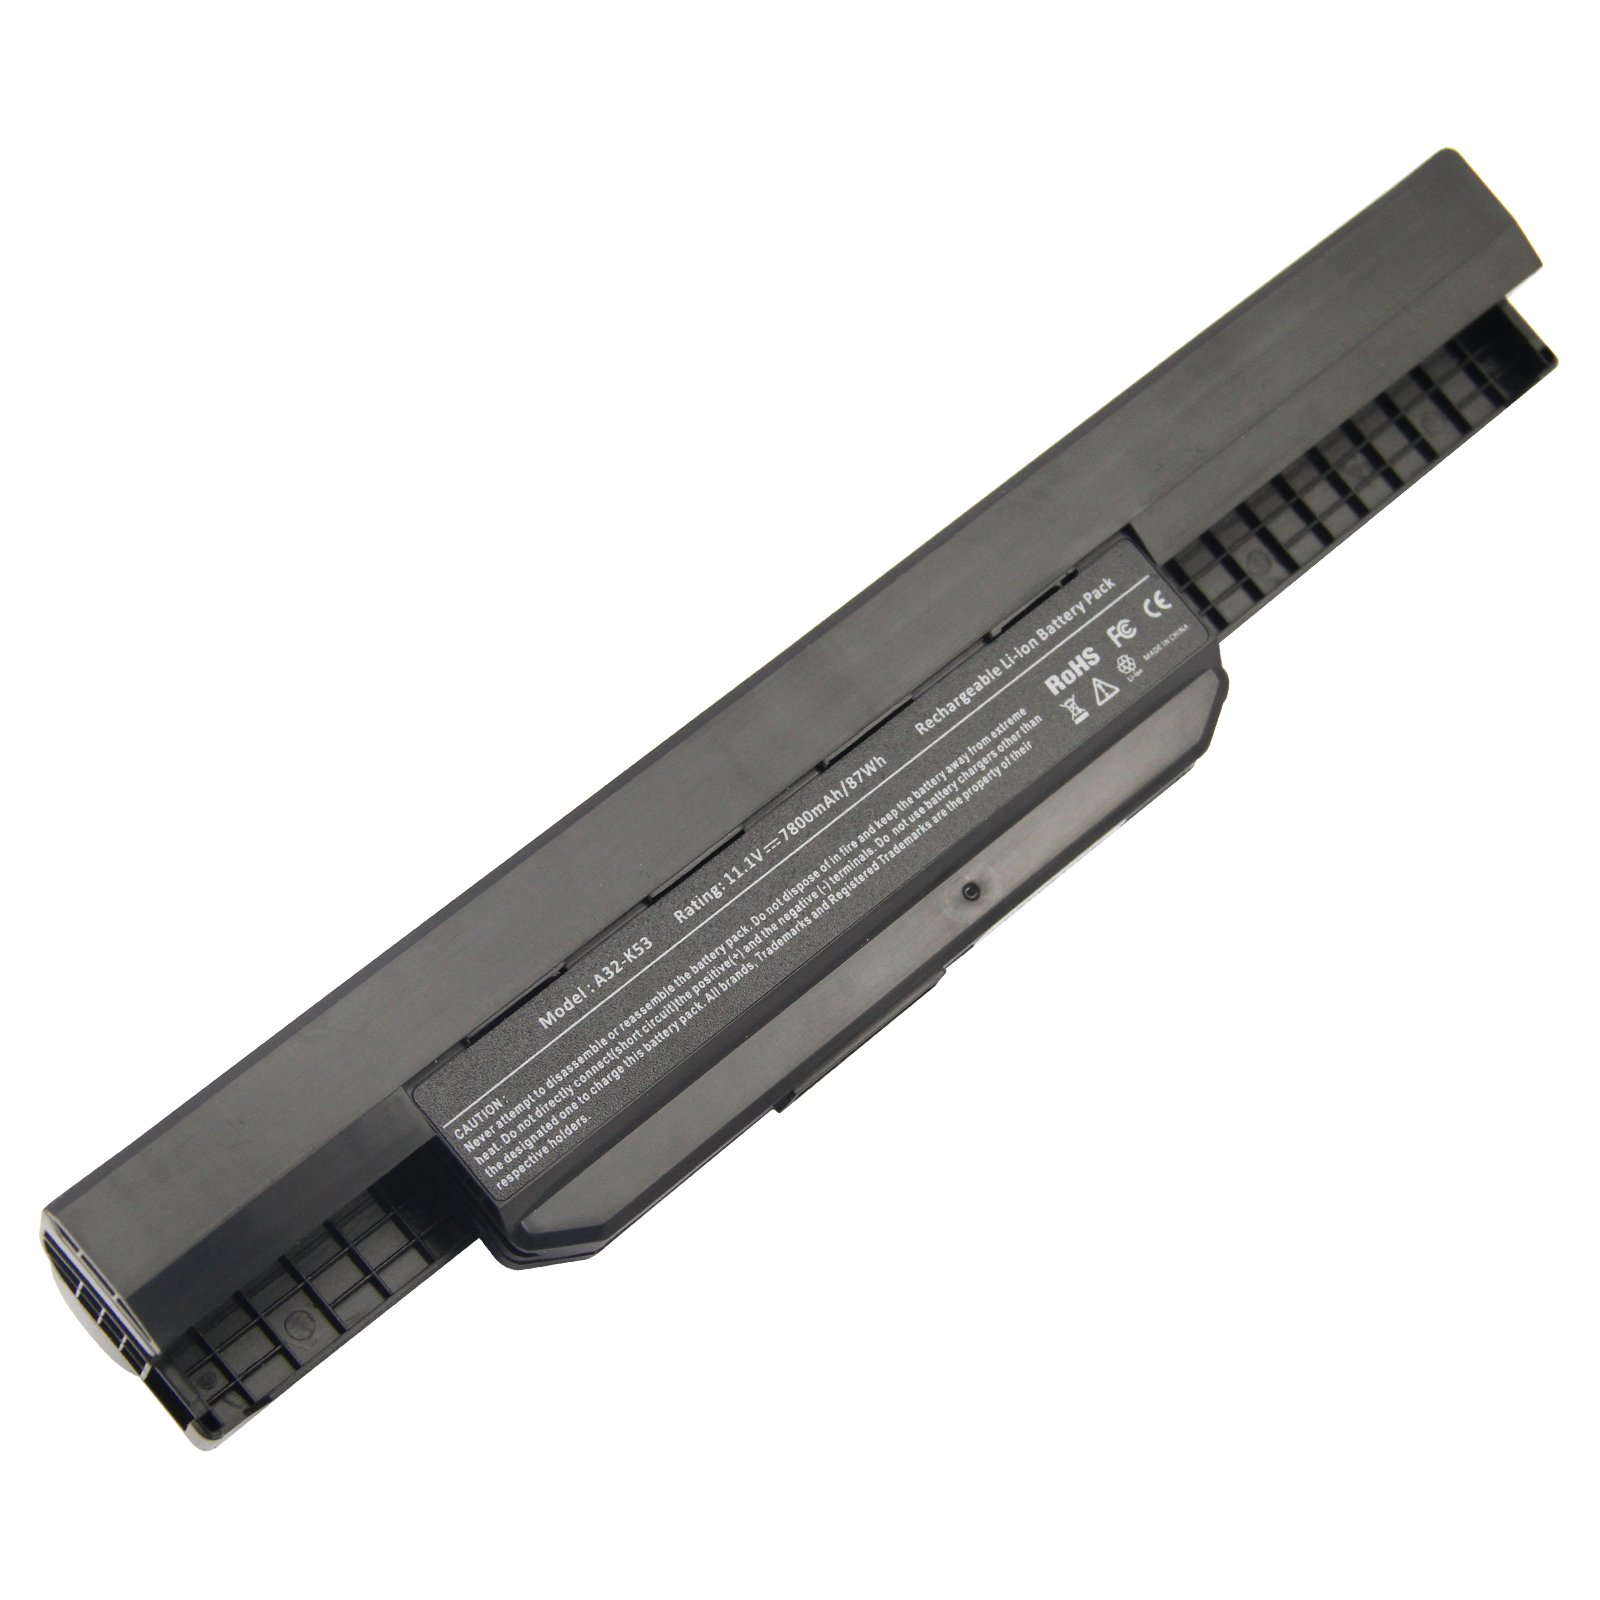 Bateria 7800mAh 10.8V Asus A32-K53 A42-K53 A53S K43 A45 K53